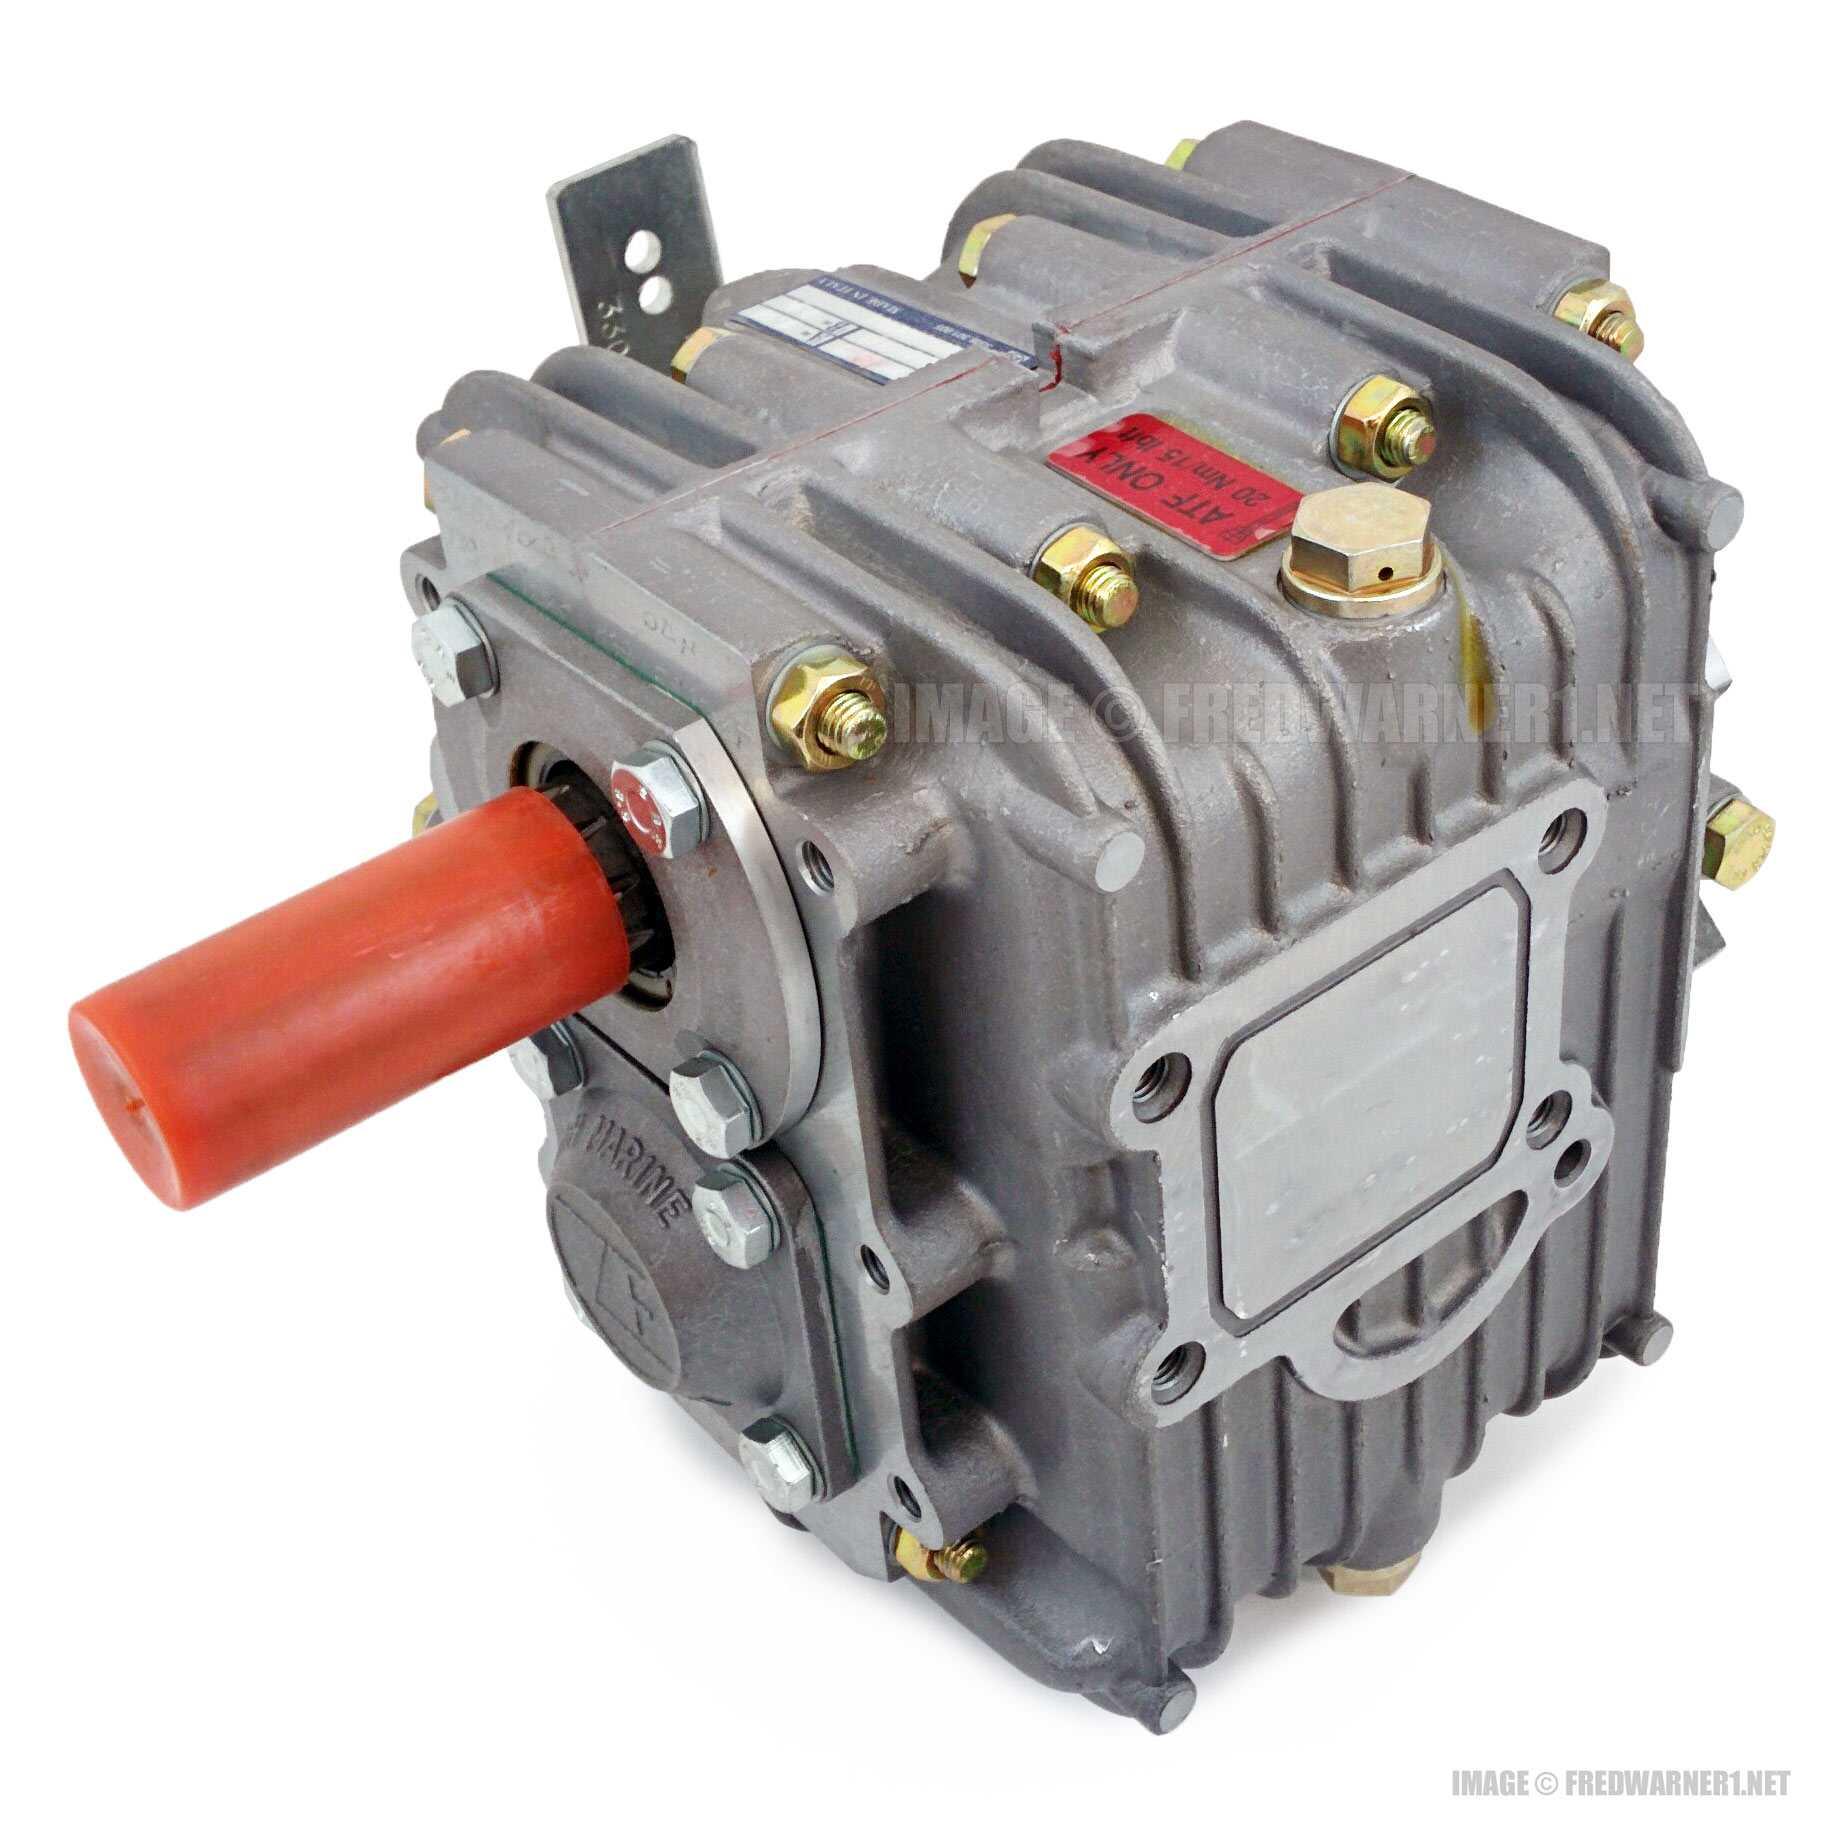 zf 12m 2 1 1 marine boat transmission gearbox hurth hbw10 hbw125 3305002001. Black Bedroom Furniture Sets. Home Design Ideas